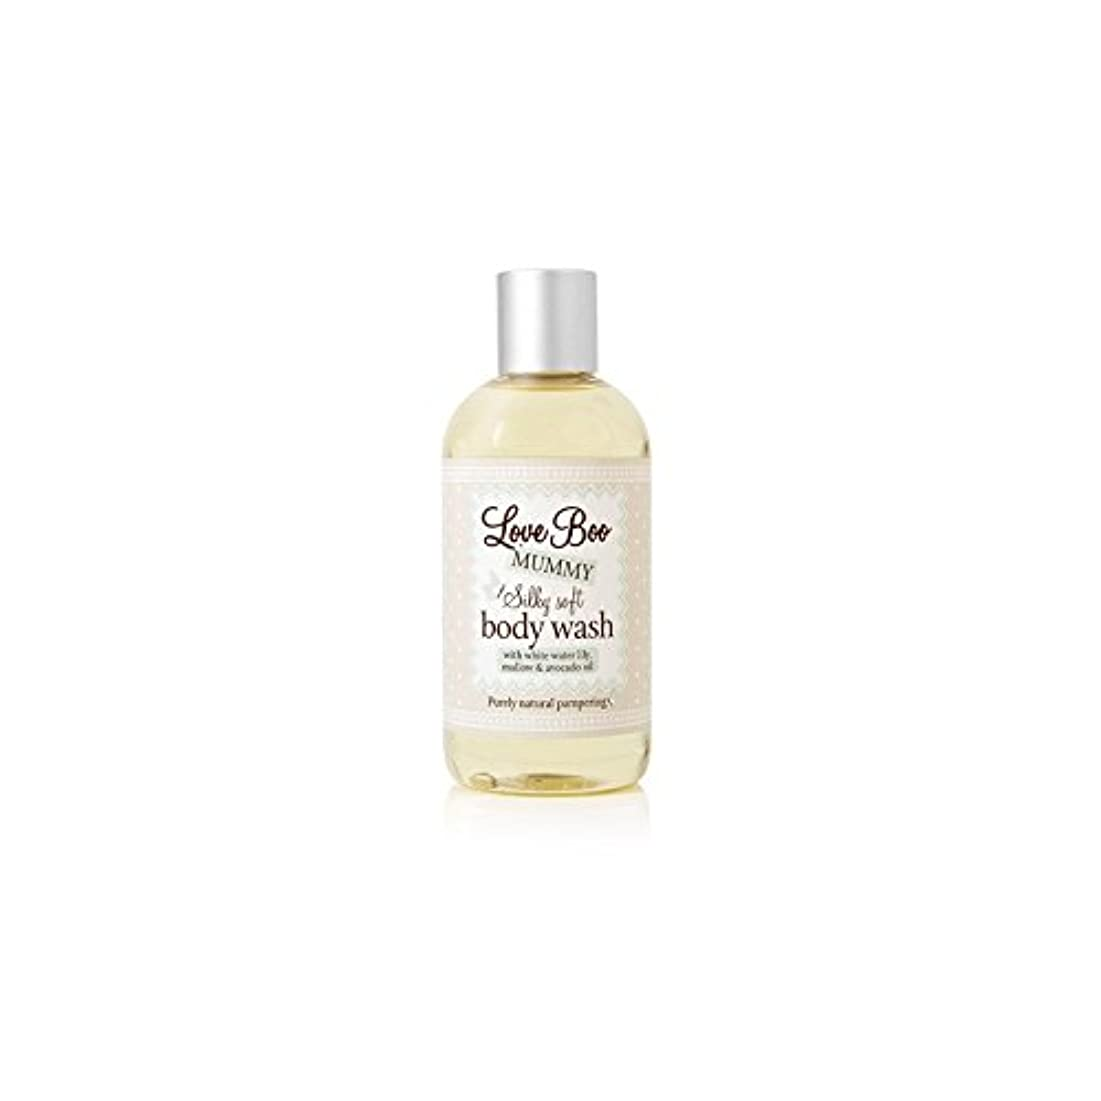 発送乳剤回転絹のようなソフトボディウォッシュ(250ミリリットル)愛 x4 - Love Boo Silky Soft Body Wash (250ml) (Pack of 4) [並行輸入品]